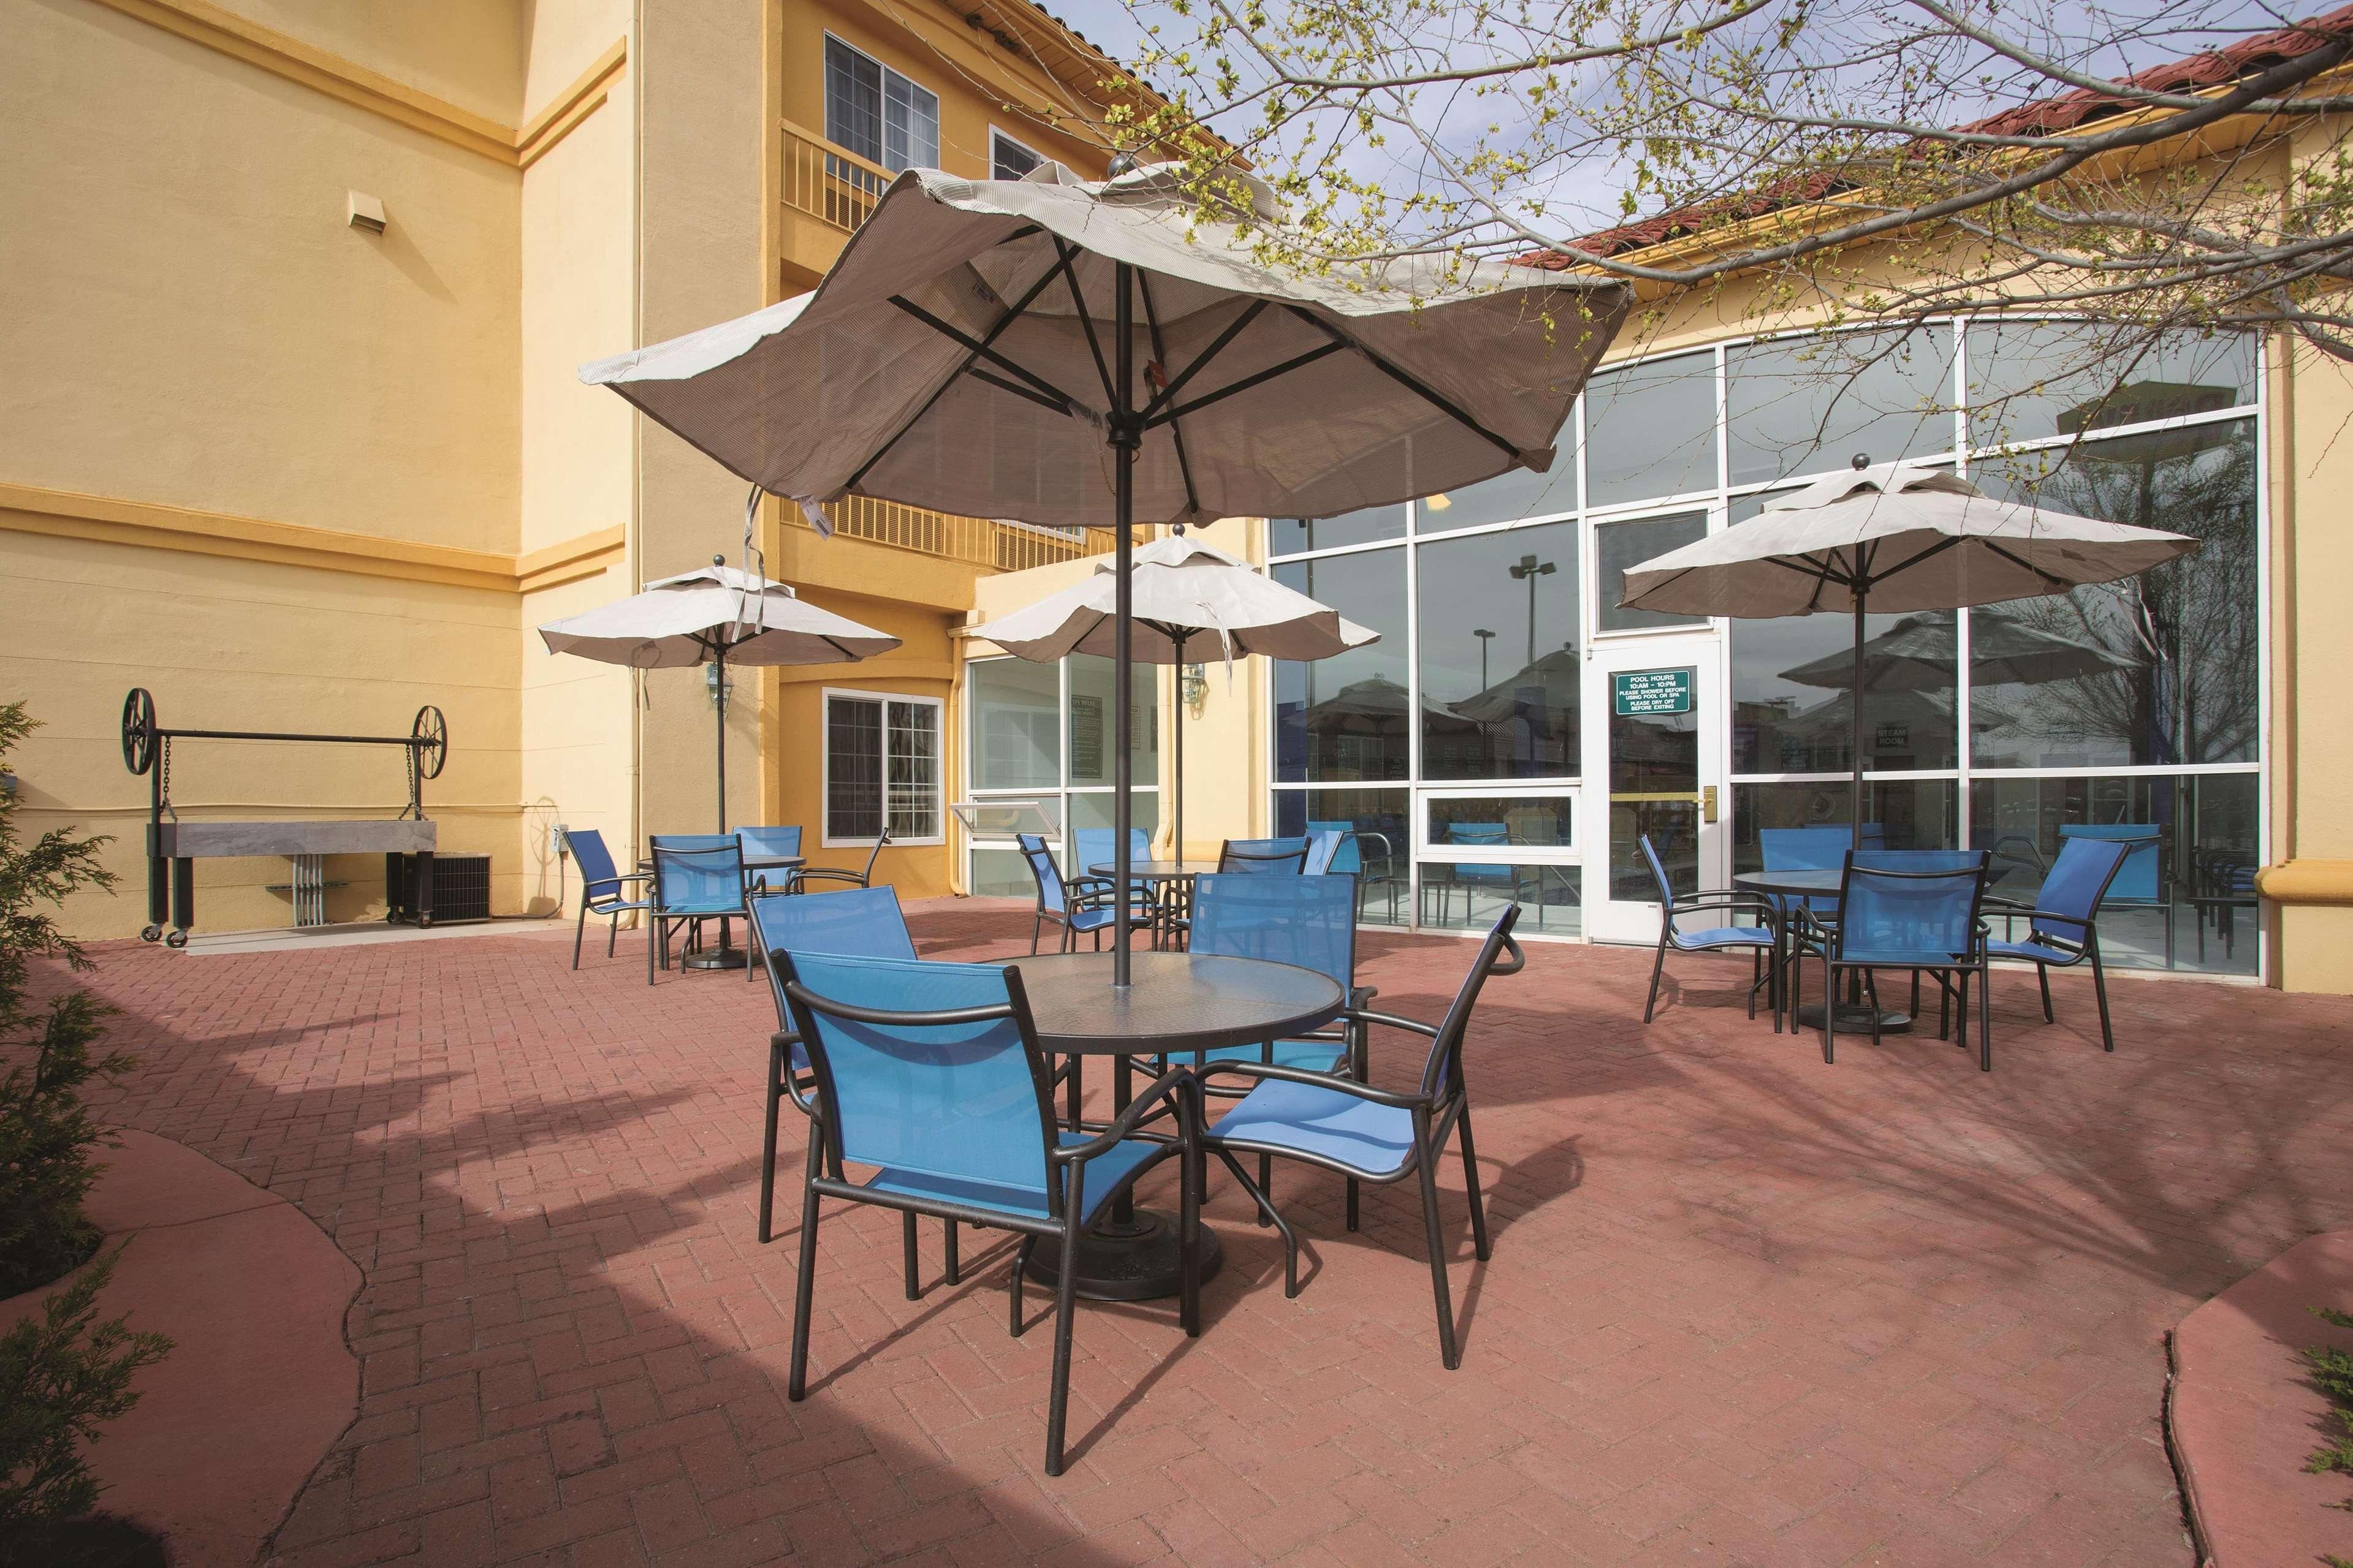 La Quinta Inn & Suites Gallup, McKinley